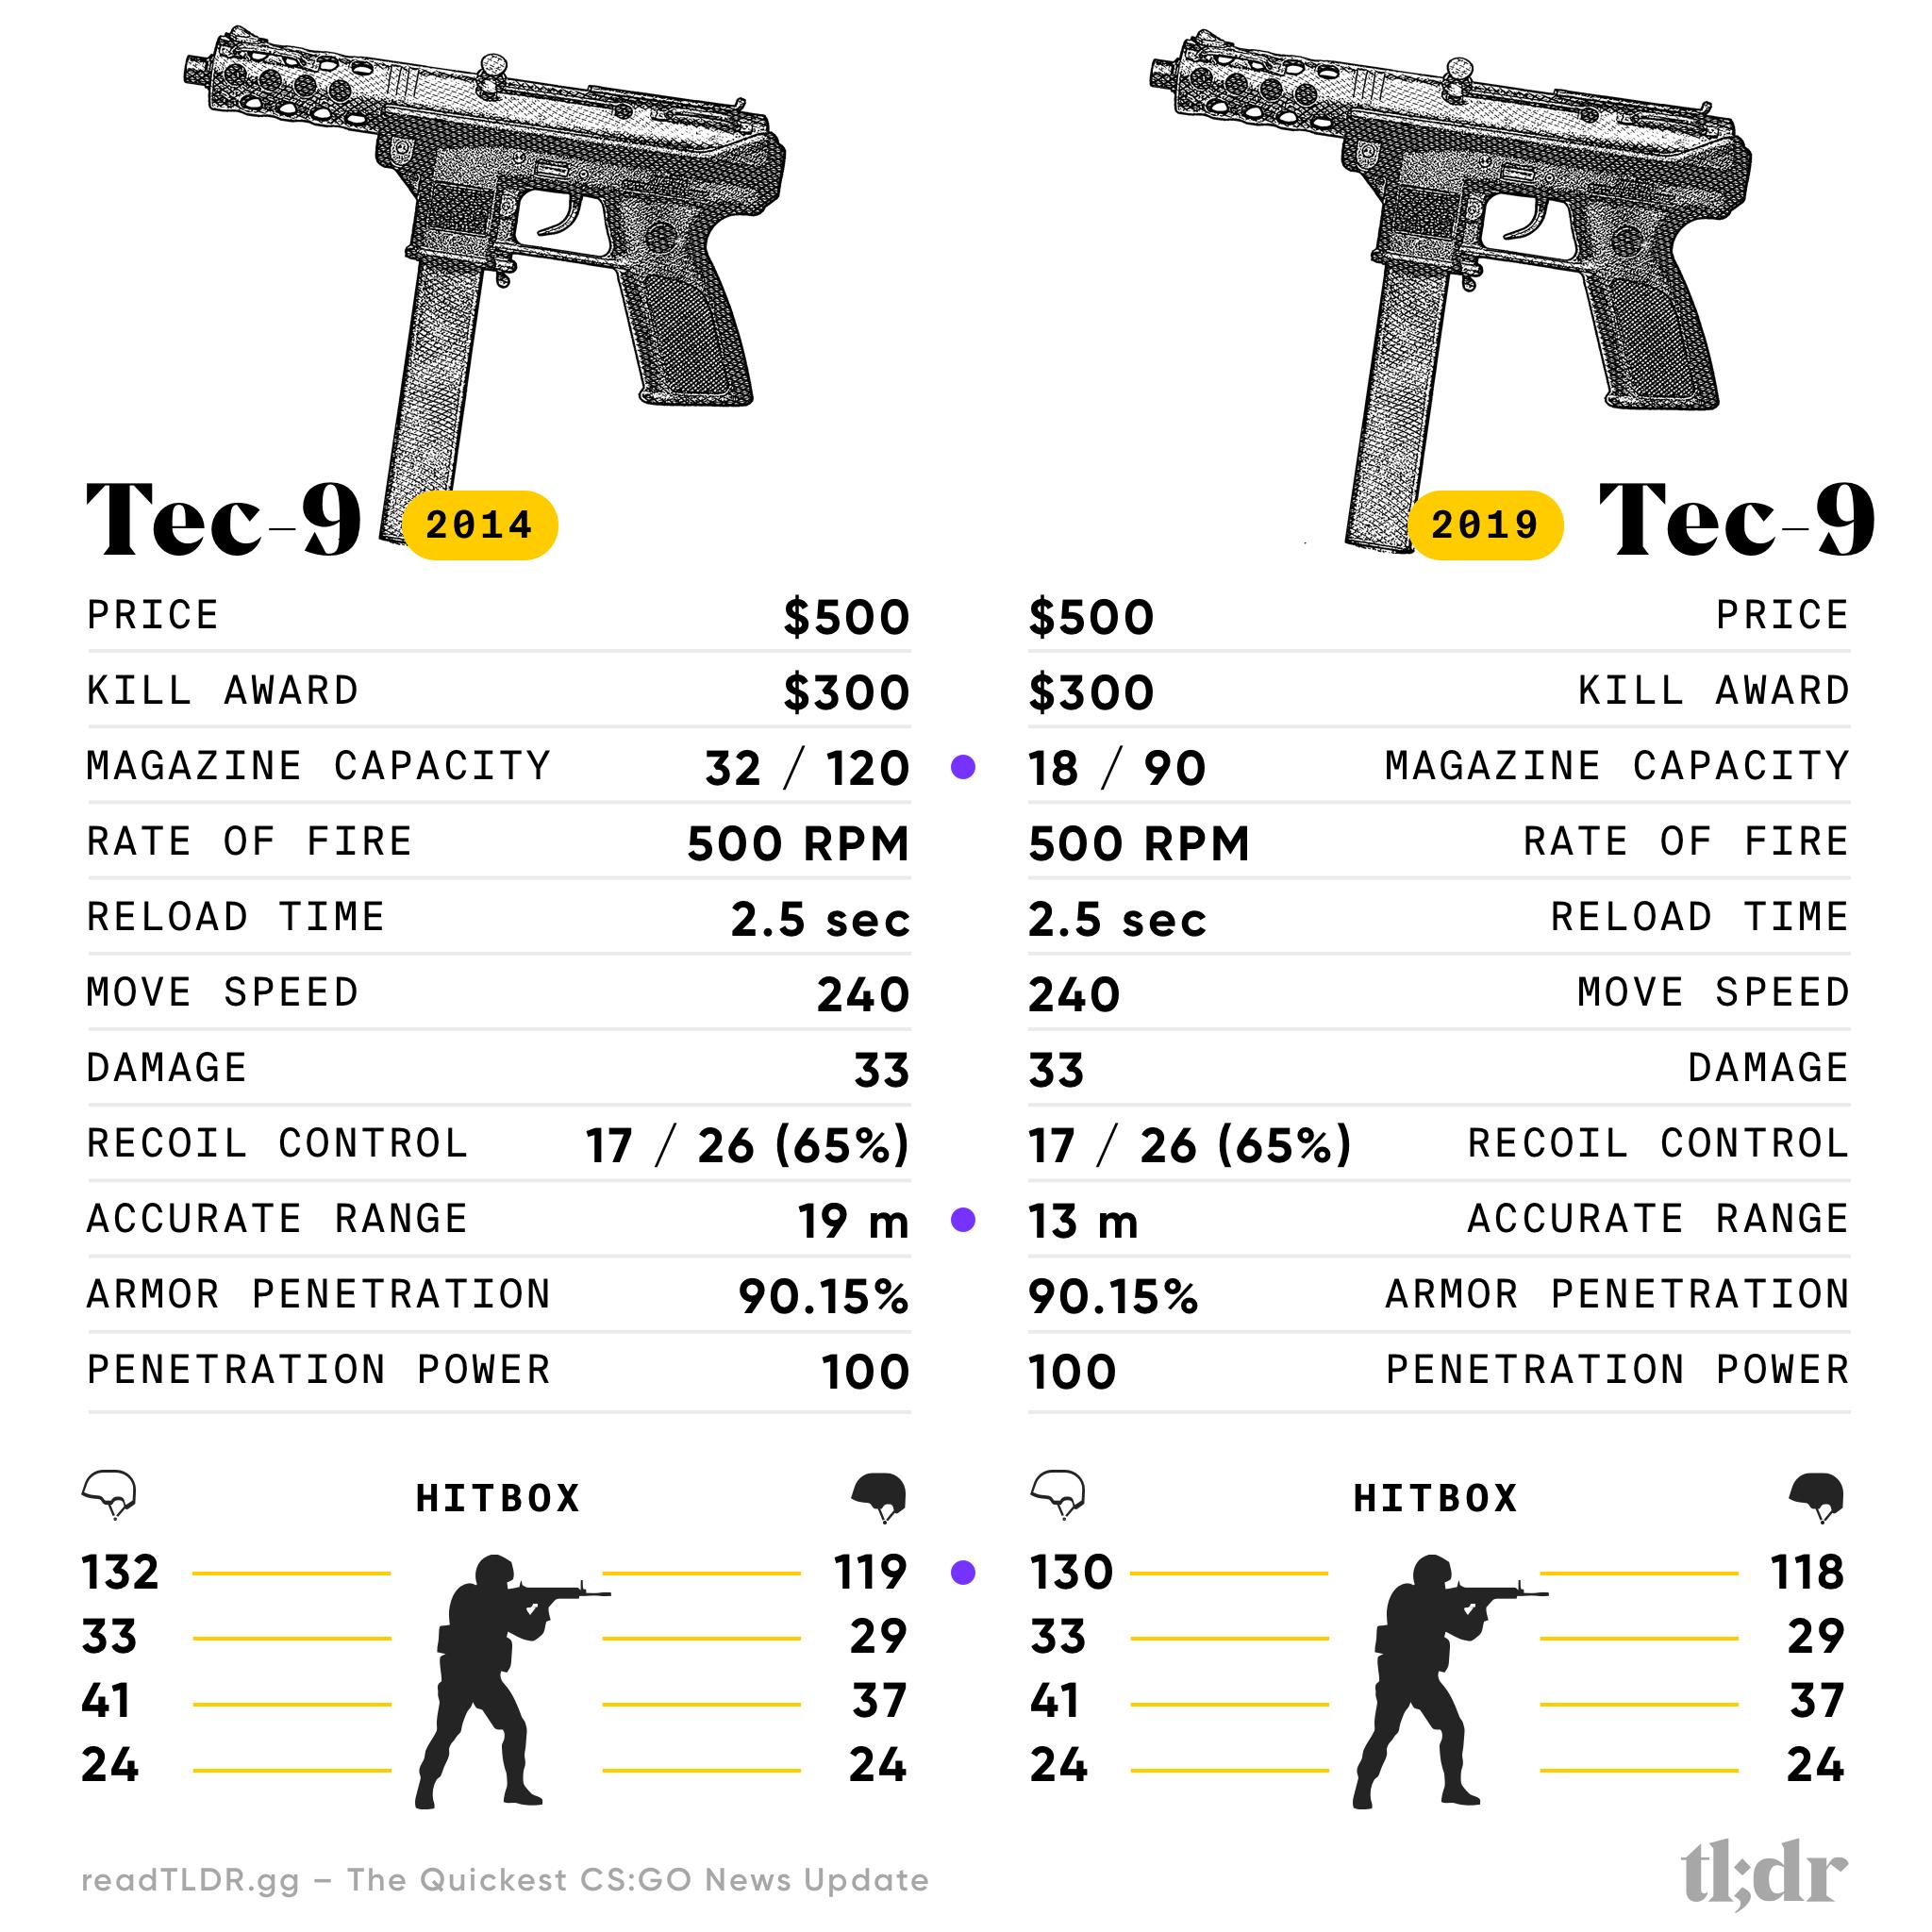 Counter-Strike Tec-9 2014 vs 2019 Specification Comparison